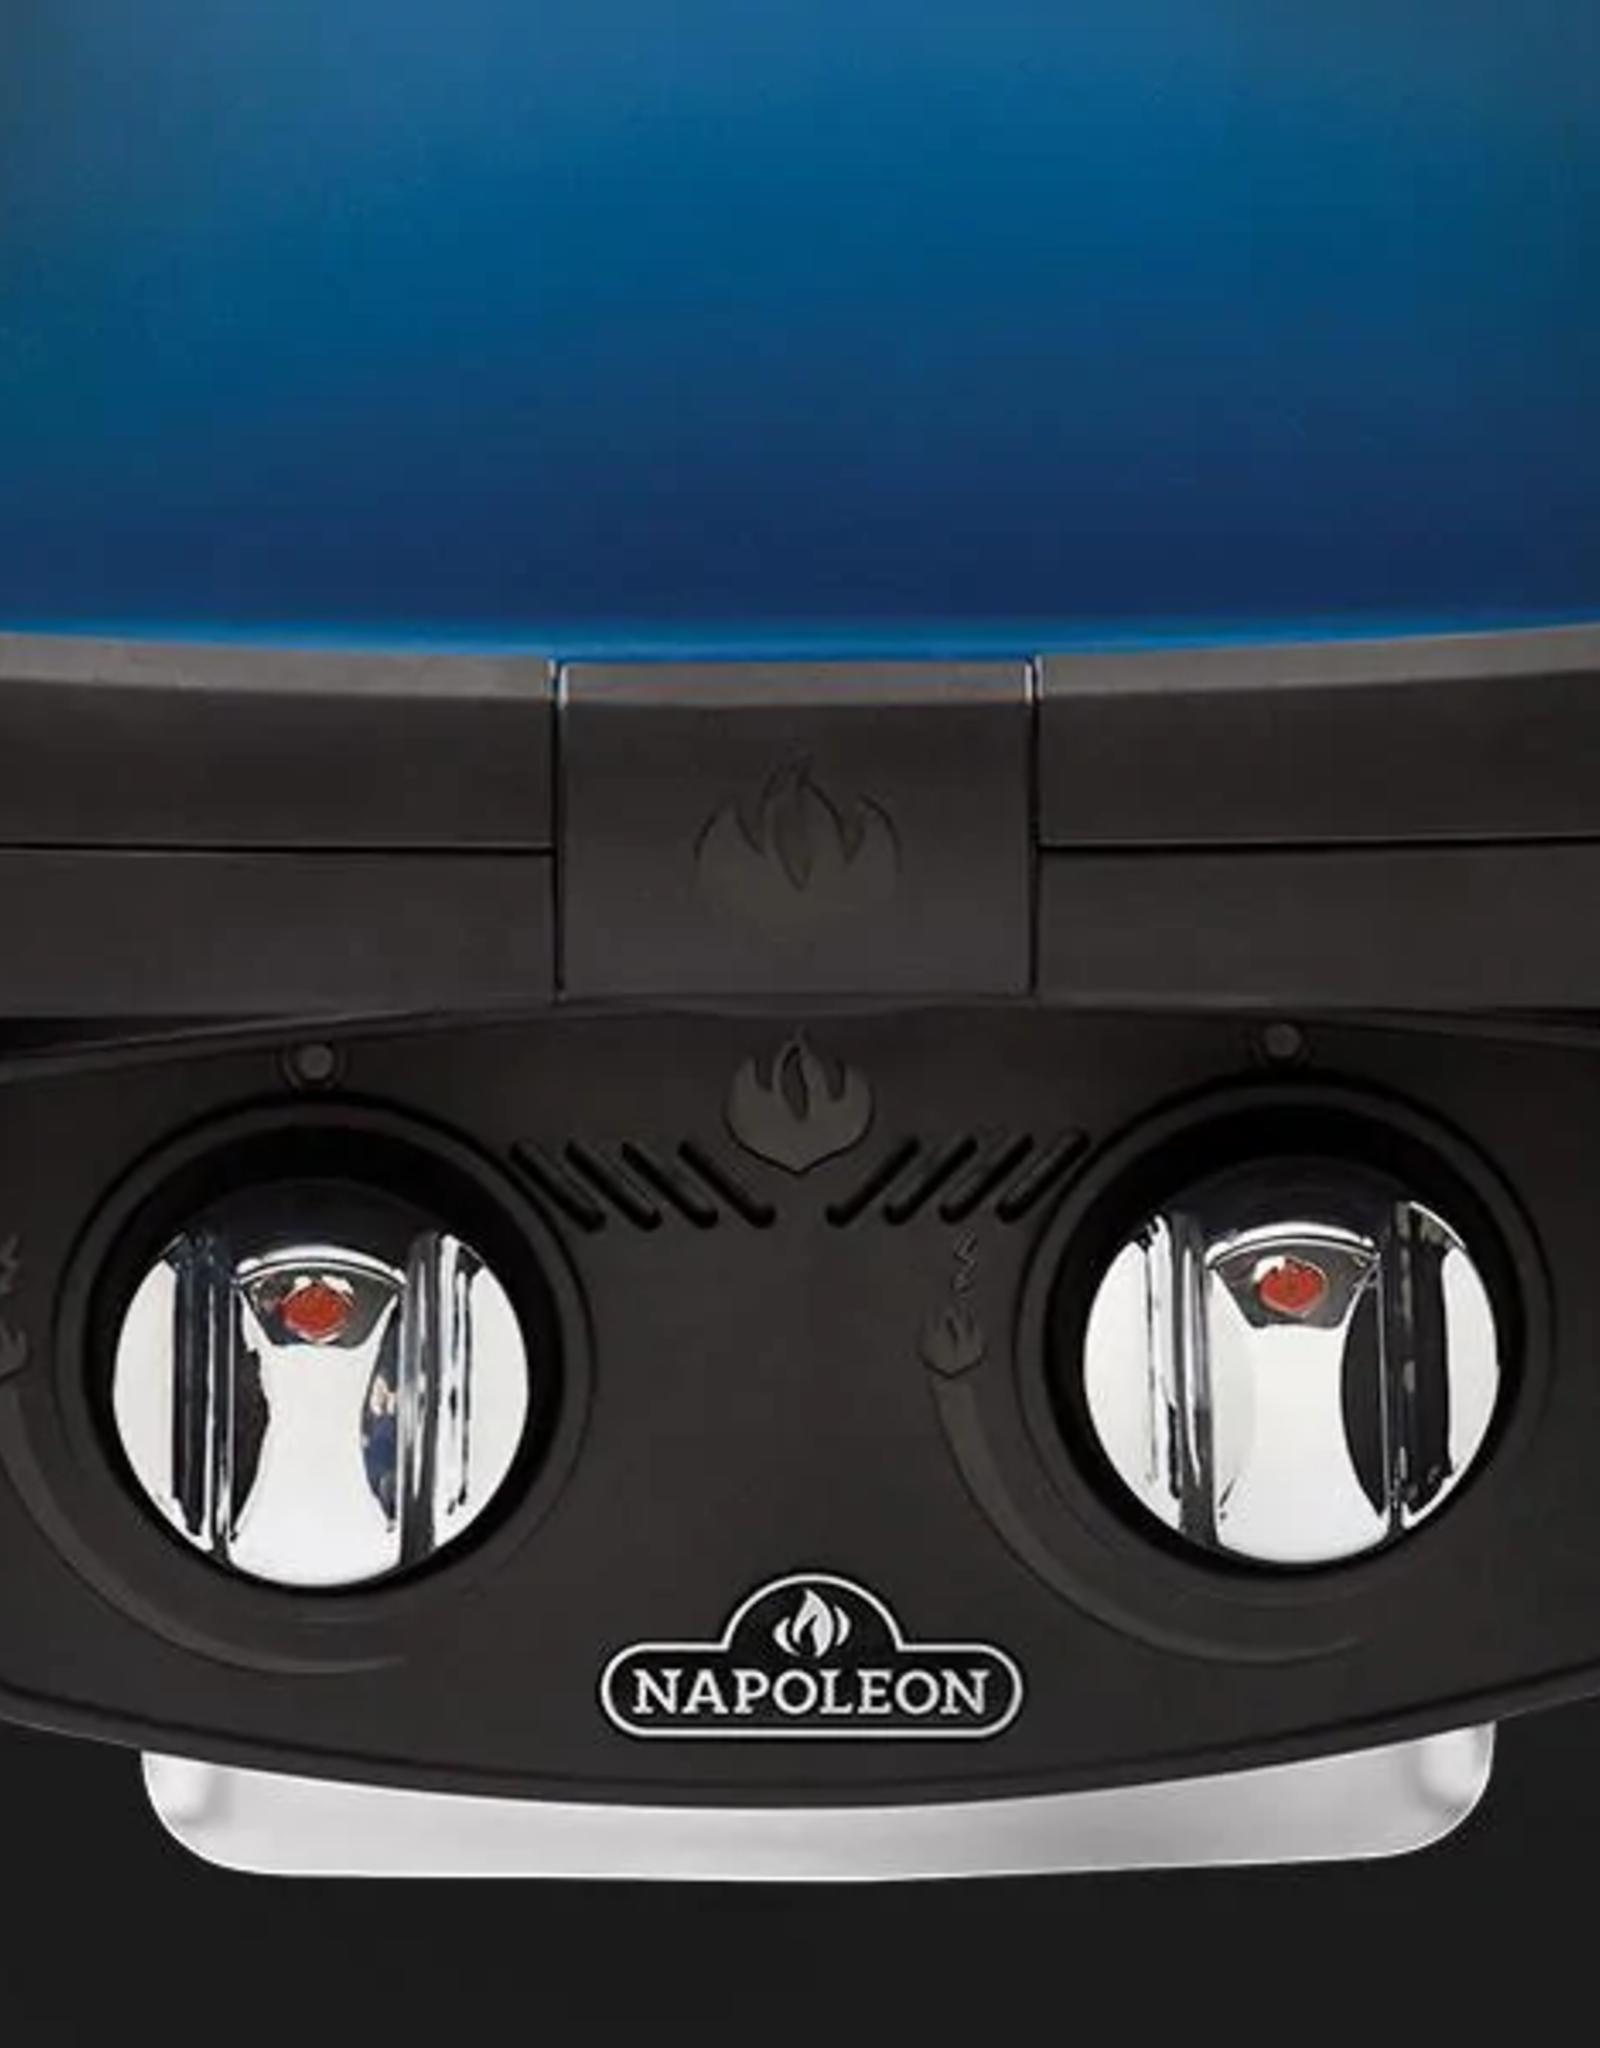 Napoleon Napoleon TravelQ 285 Portable Propane Gas Grill - Blue - TQ285-BL-1